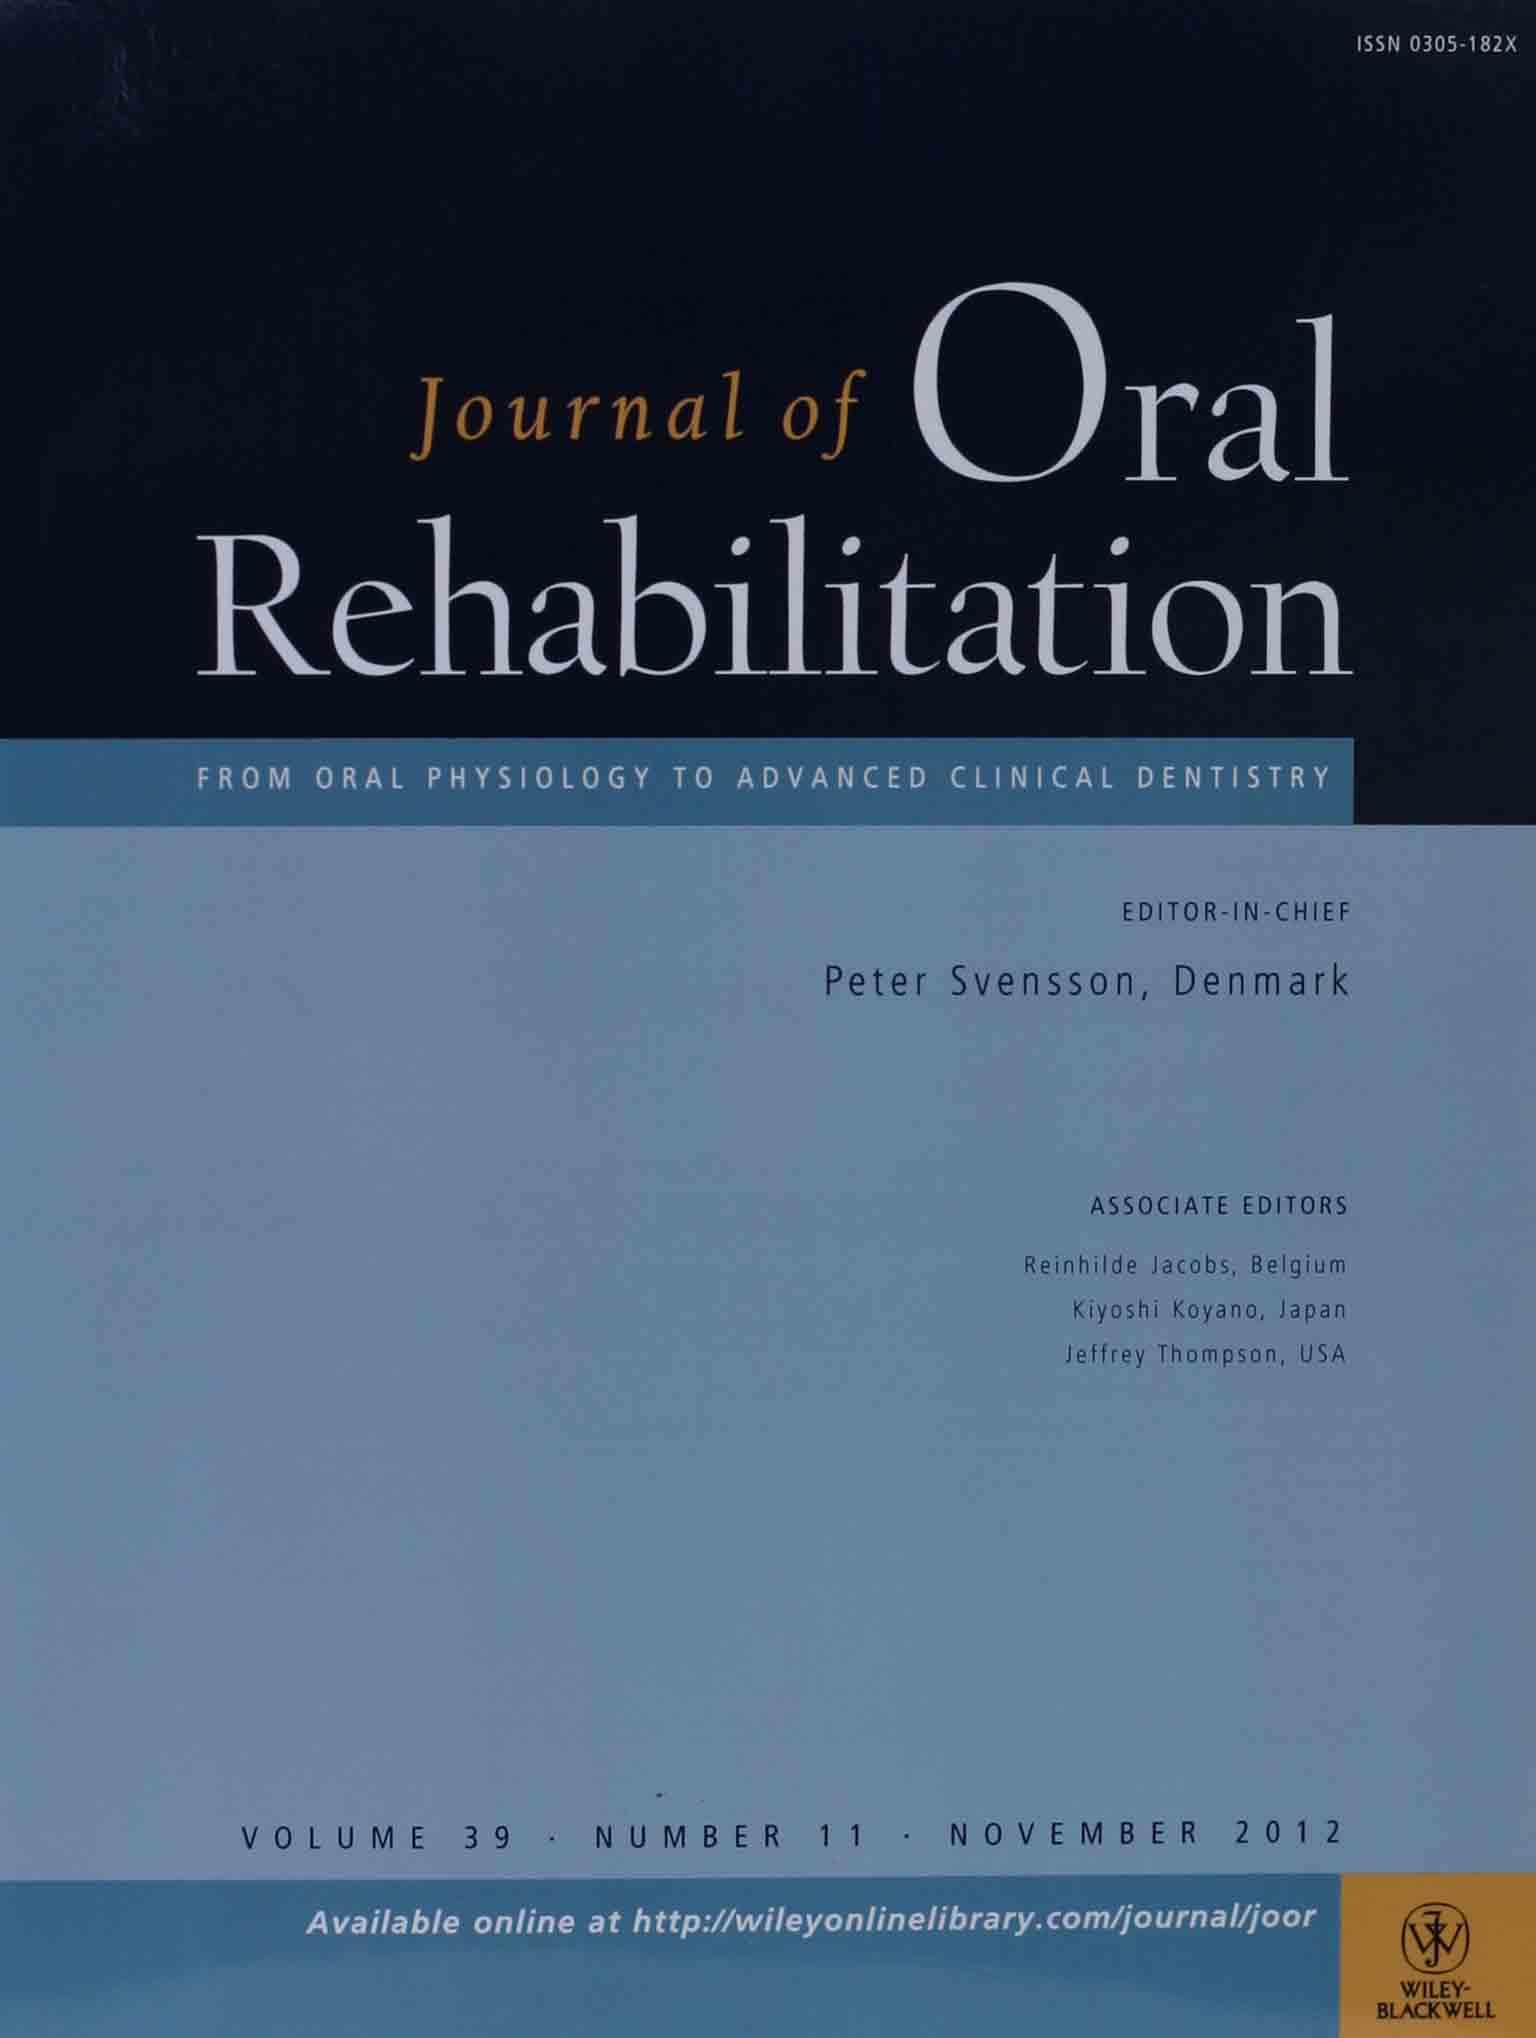 島倉洋造の歯牙移植の海外論文